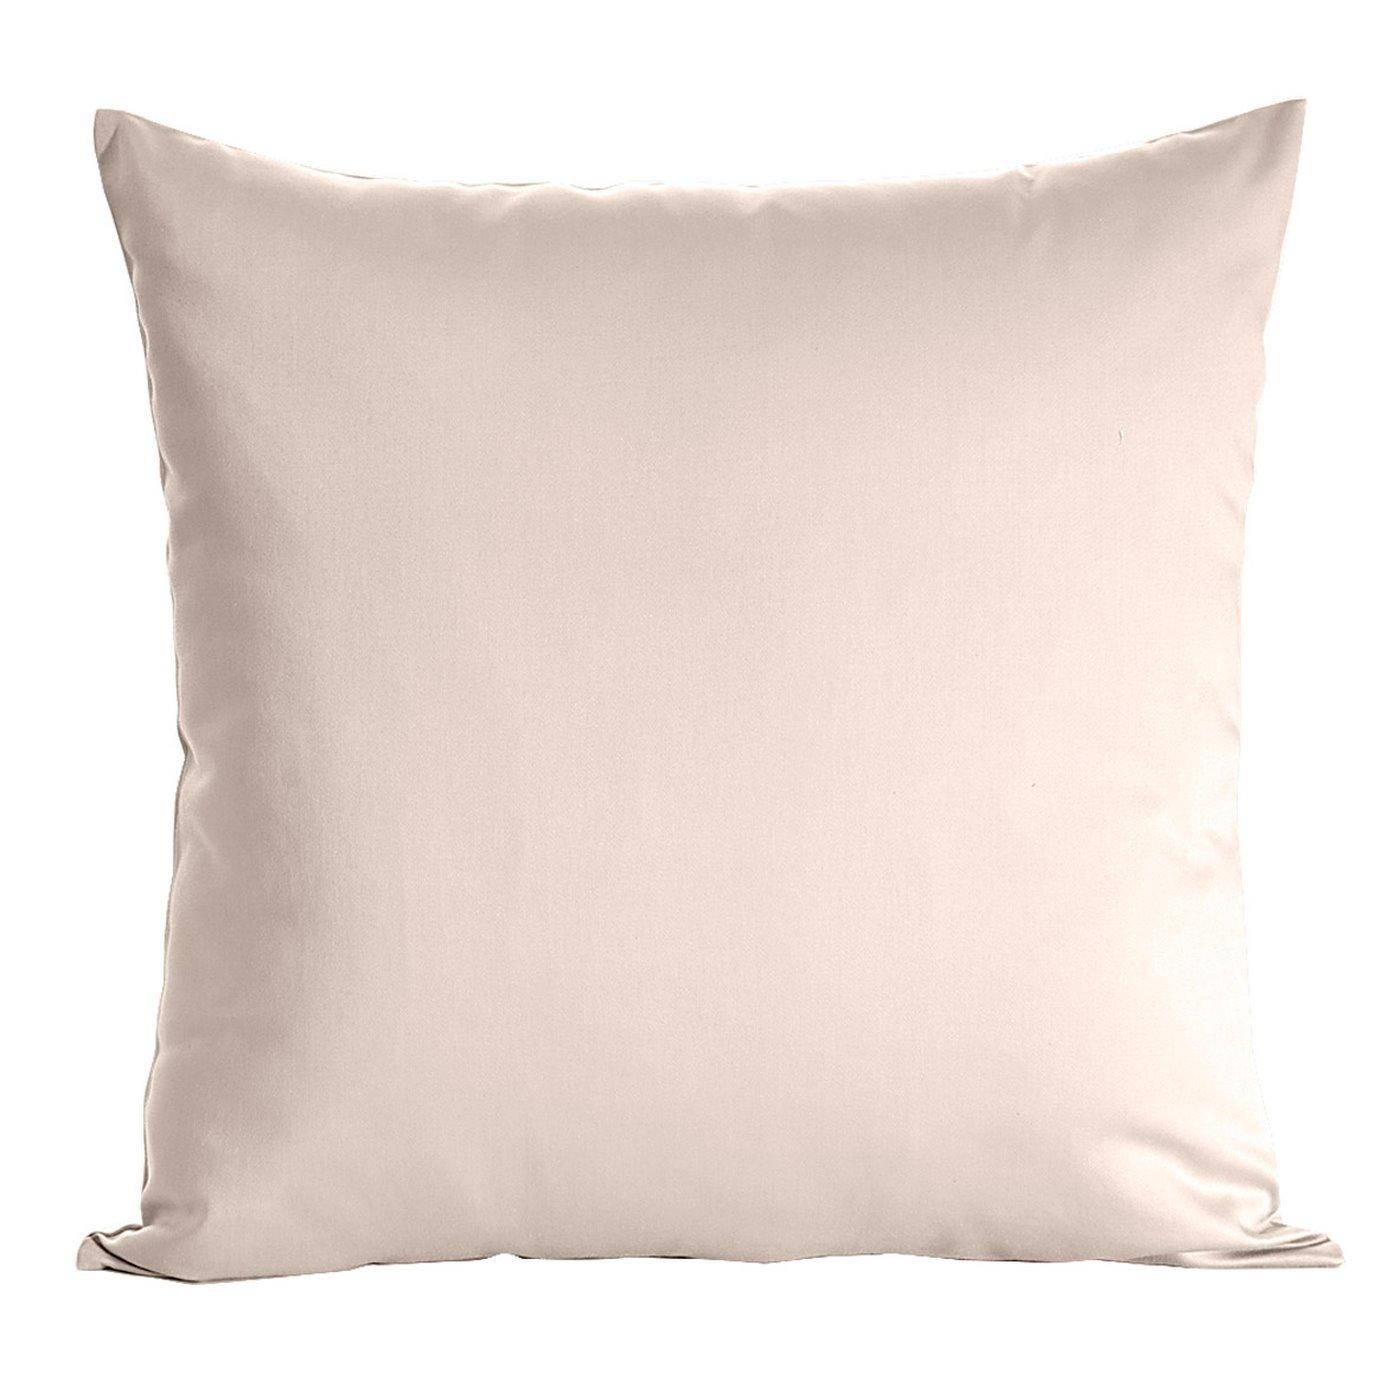 Poszewka na poduszkę beżowa gładka 40 x 40 cm